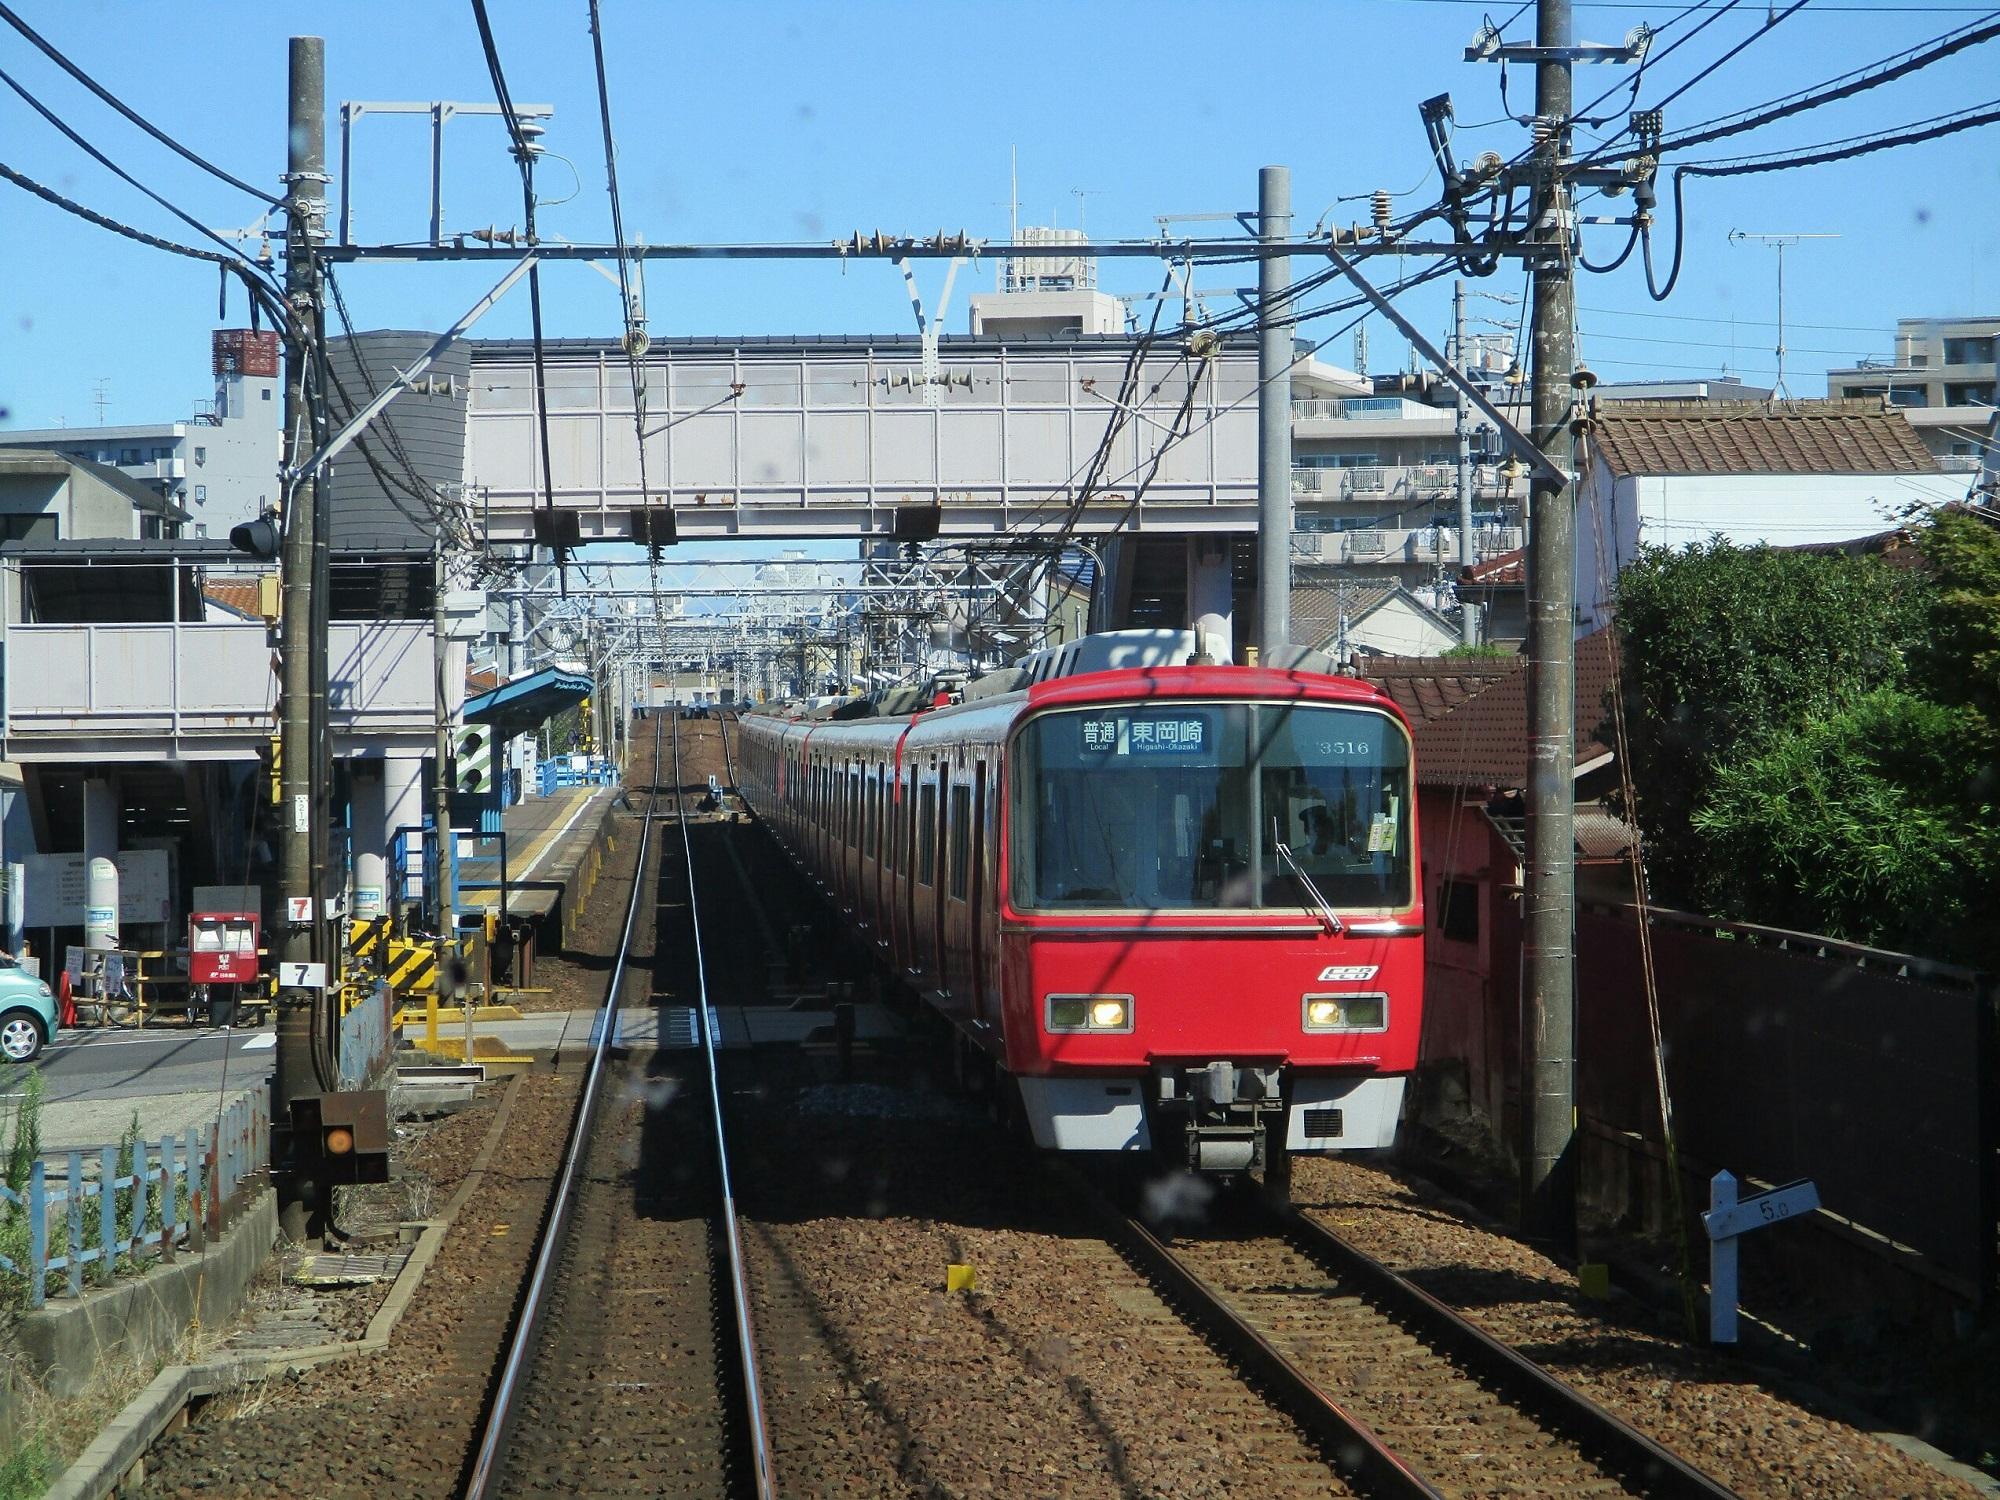 2018.8.9 (26) 須ヶ口いき特急 - 呼続(東岡崎いきふつう) 2000-1500